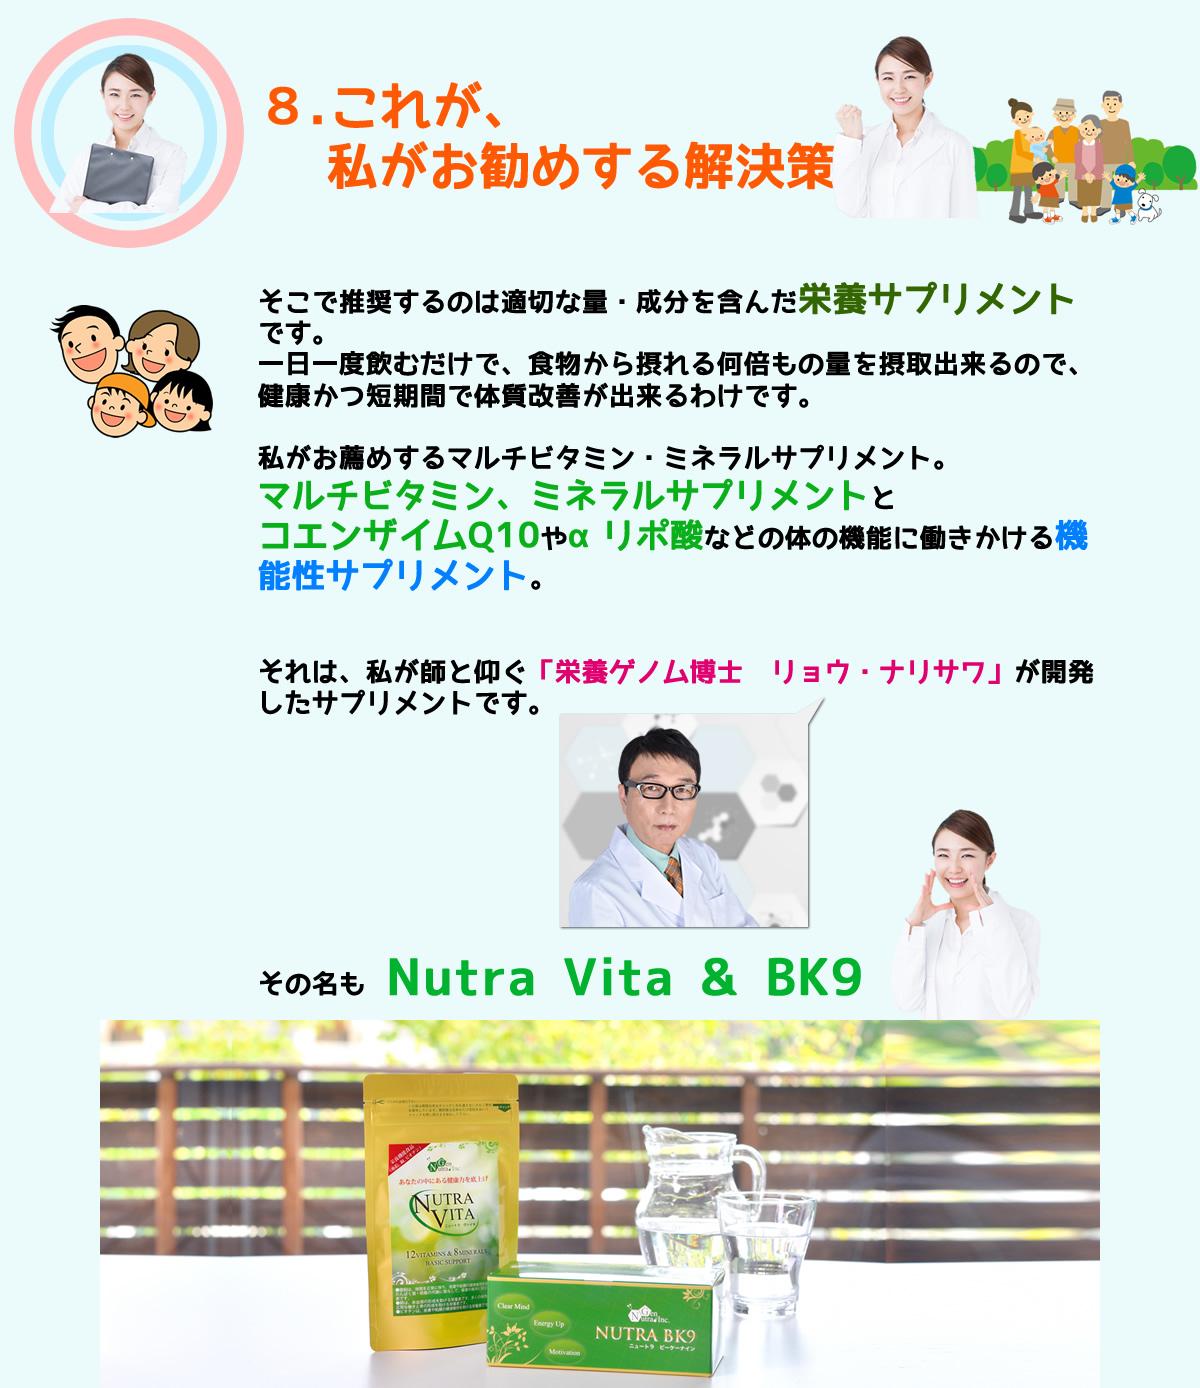 私がお薦めするマルチビタミン・ミネラルサプリメント。 それは、私が師と仰ぐ「栄養ゲノム博士 リョウ・ナリサワ」が開発したサプリメントです。 その名もNutra Vita & BK9